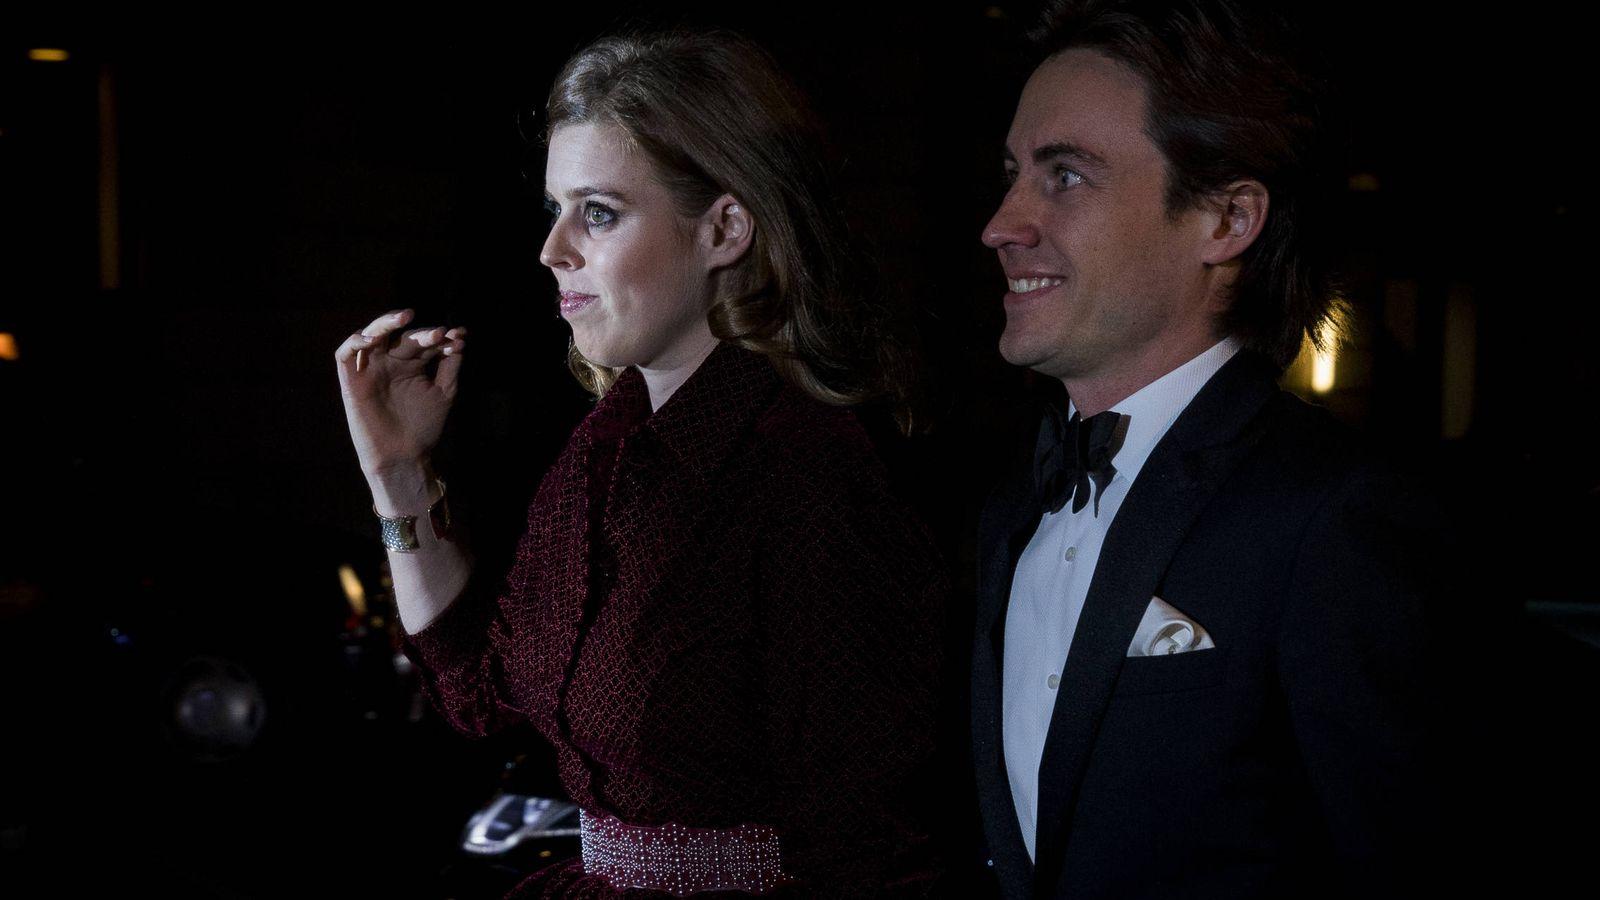 Foto: Beatriz de York y Edoardo Mapelli, en su primera aparición oficial. (Getty)